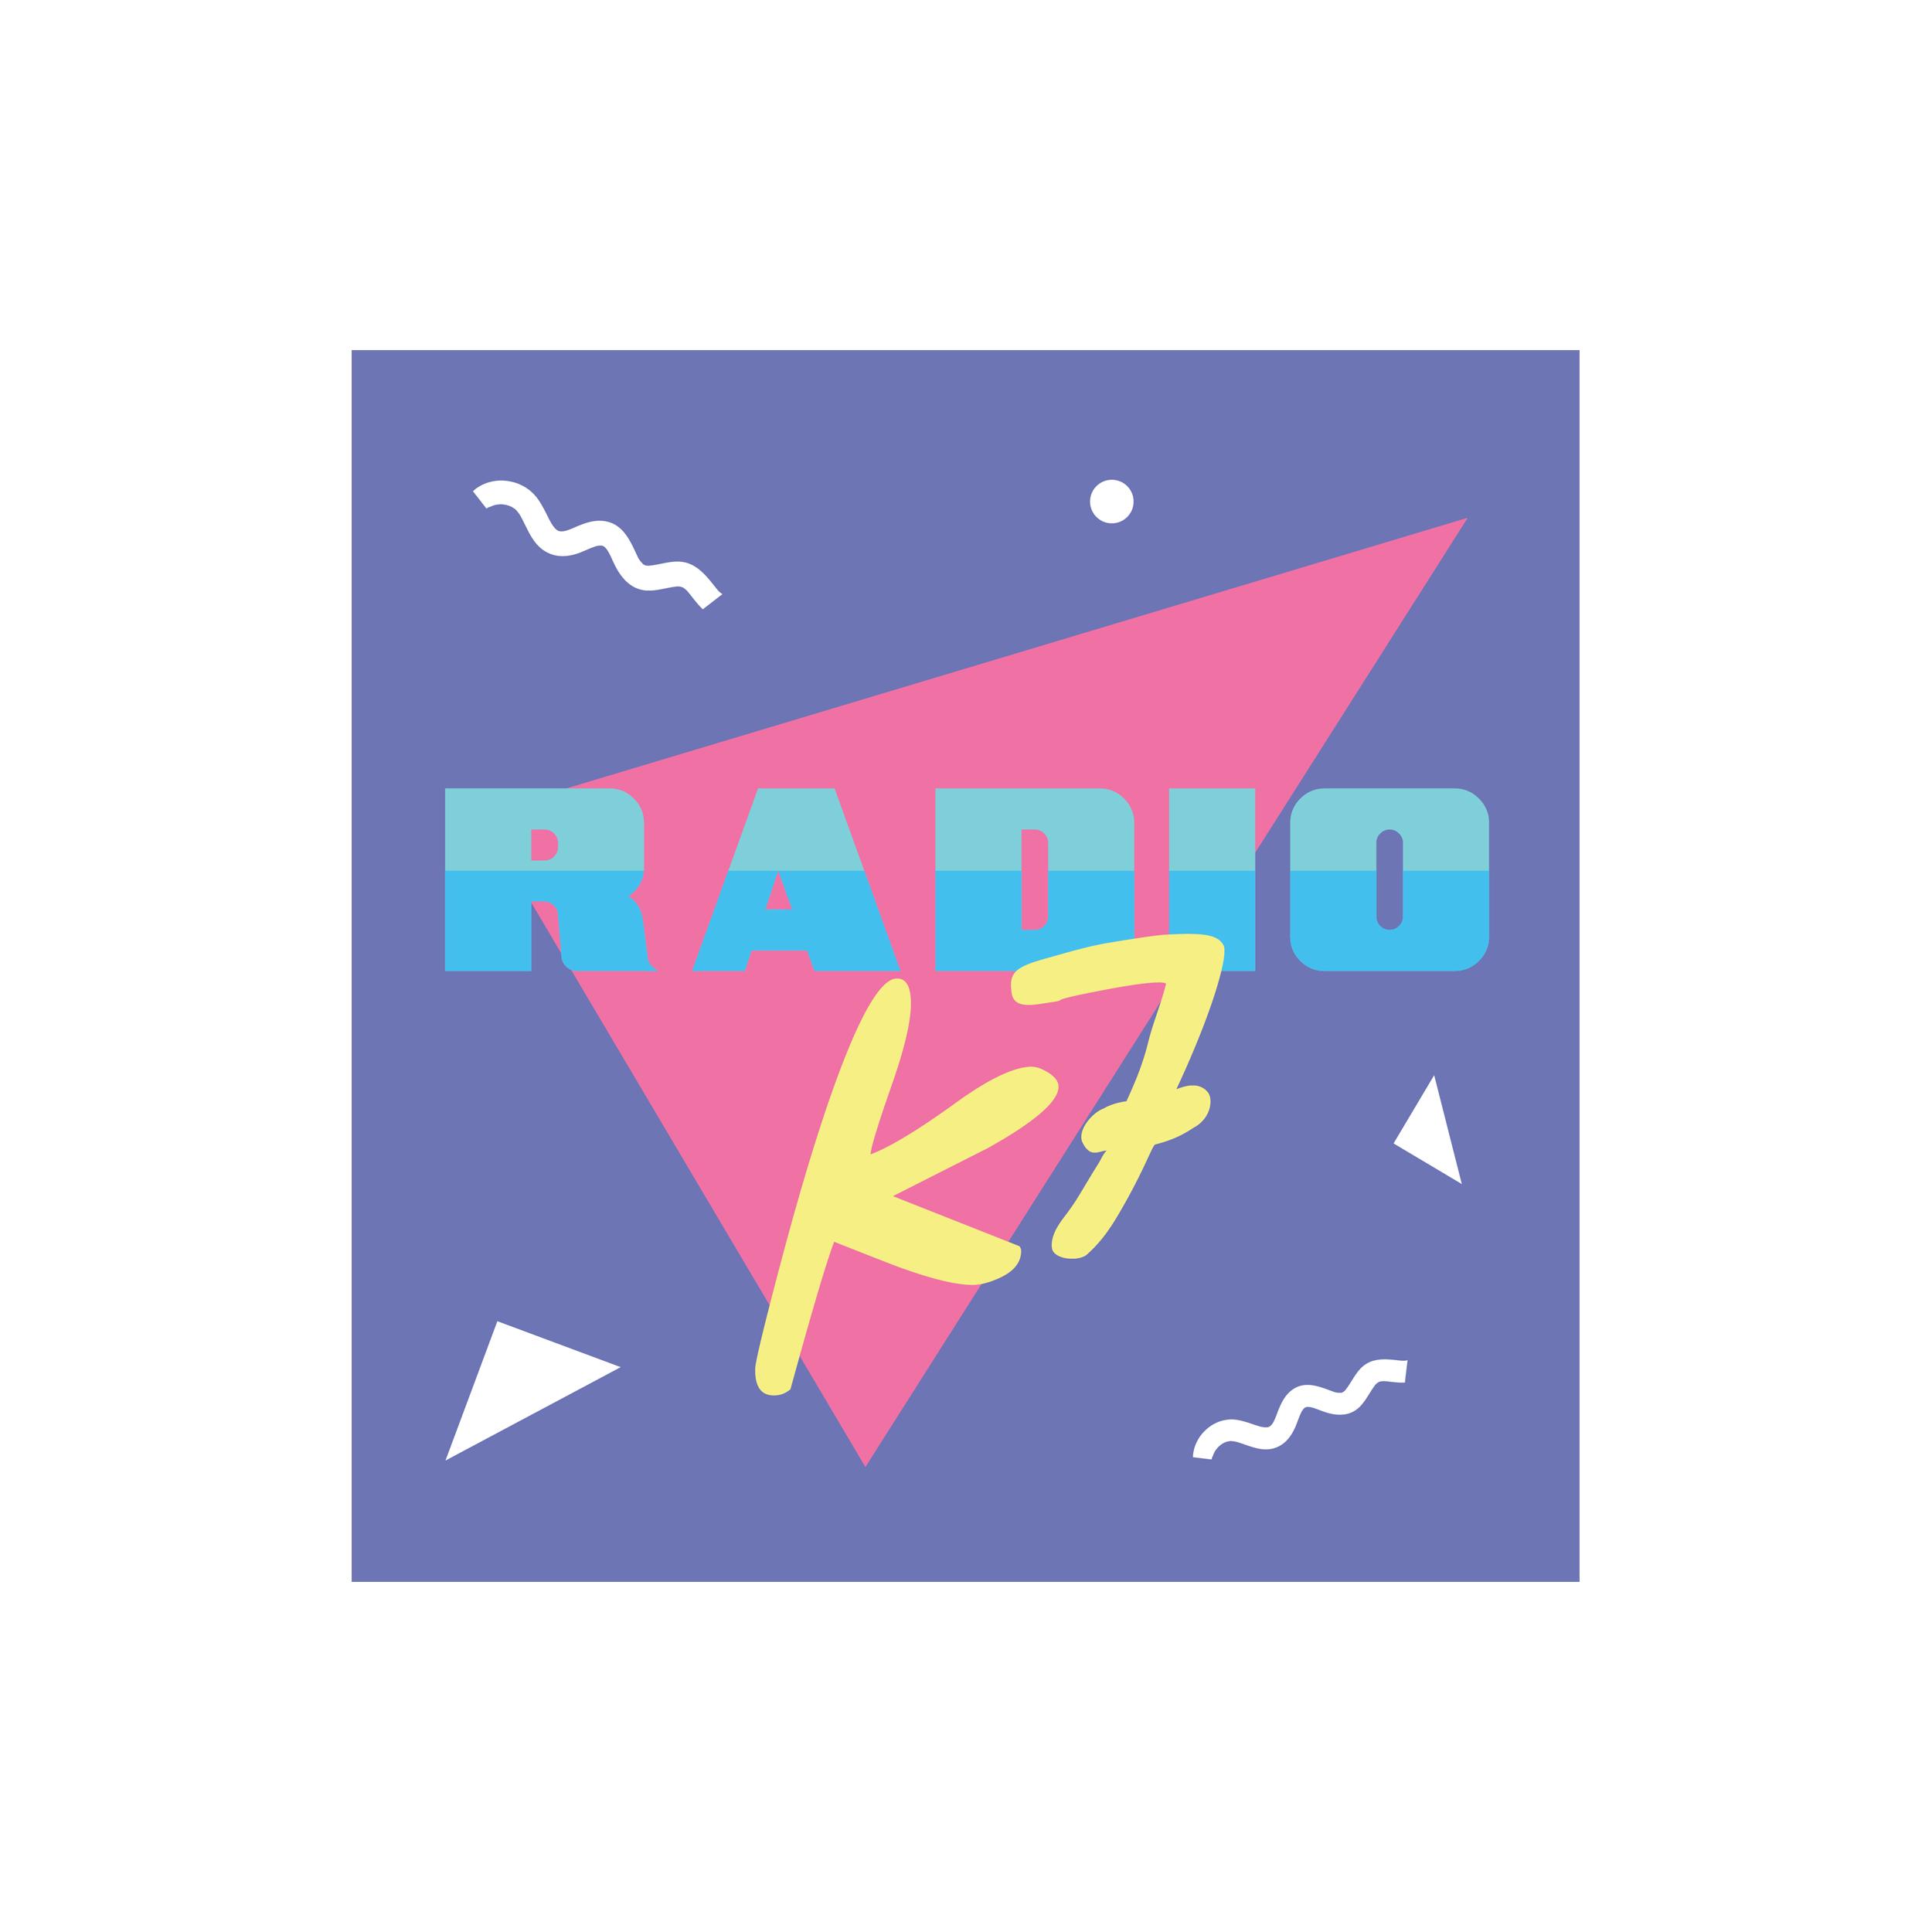 Radio-K7-01-website.jpg